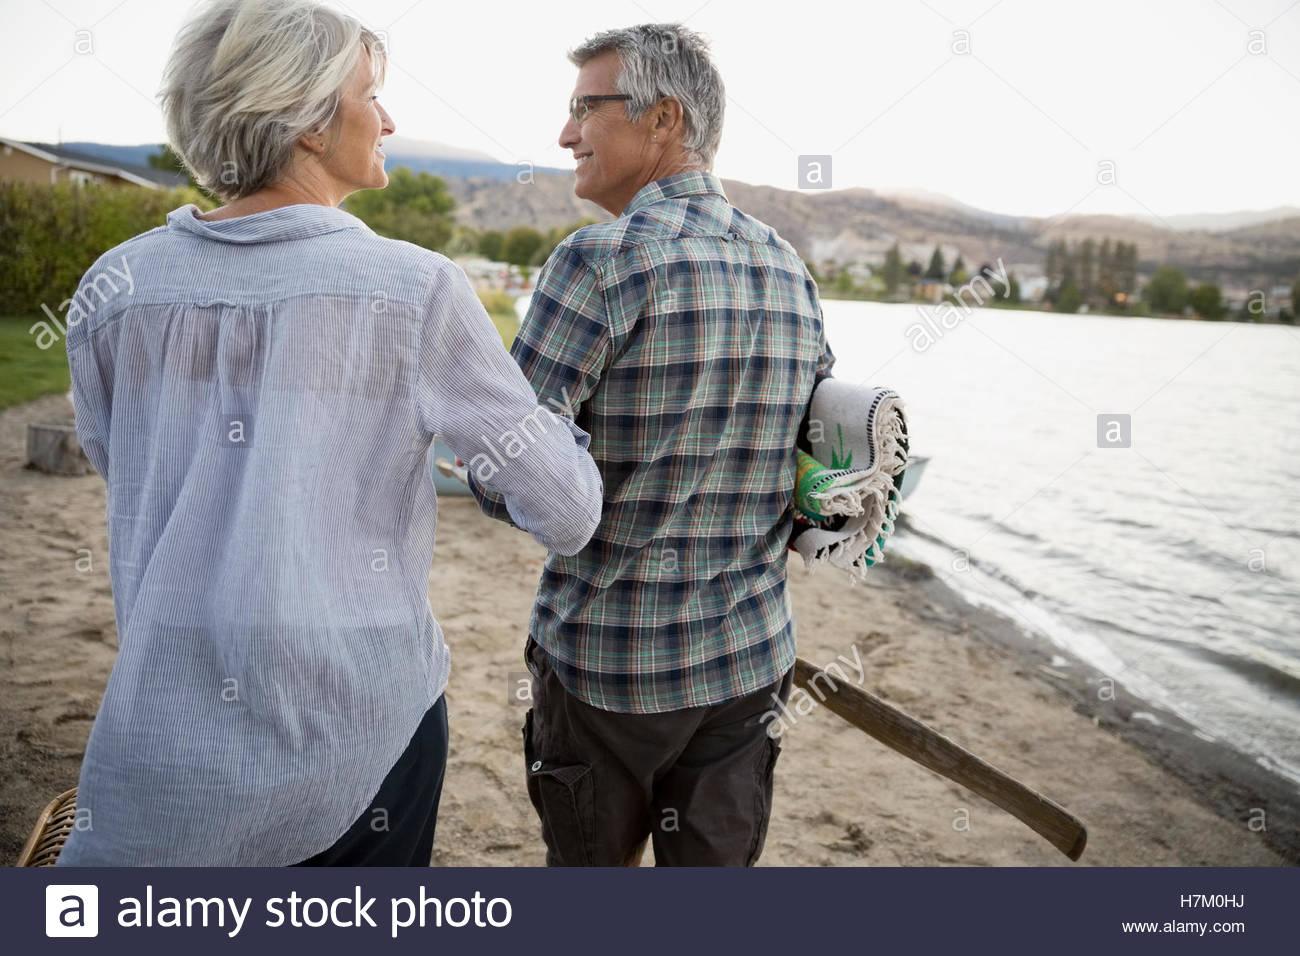 Couple de retraités marcher bras dessus bras dessous sur la plage du lac Photo Stock